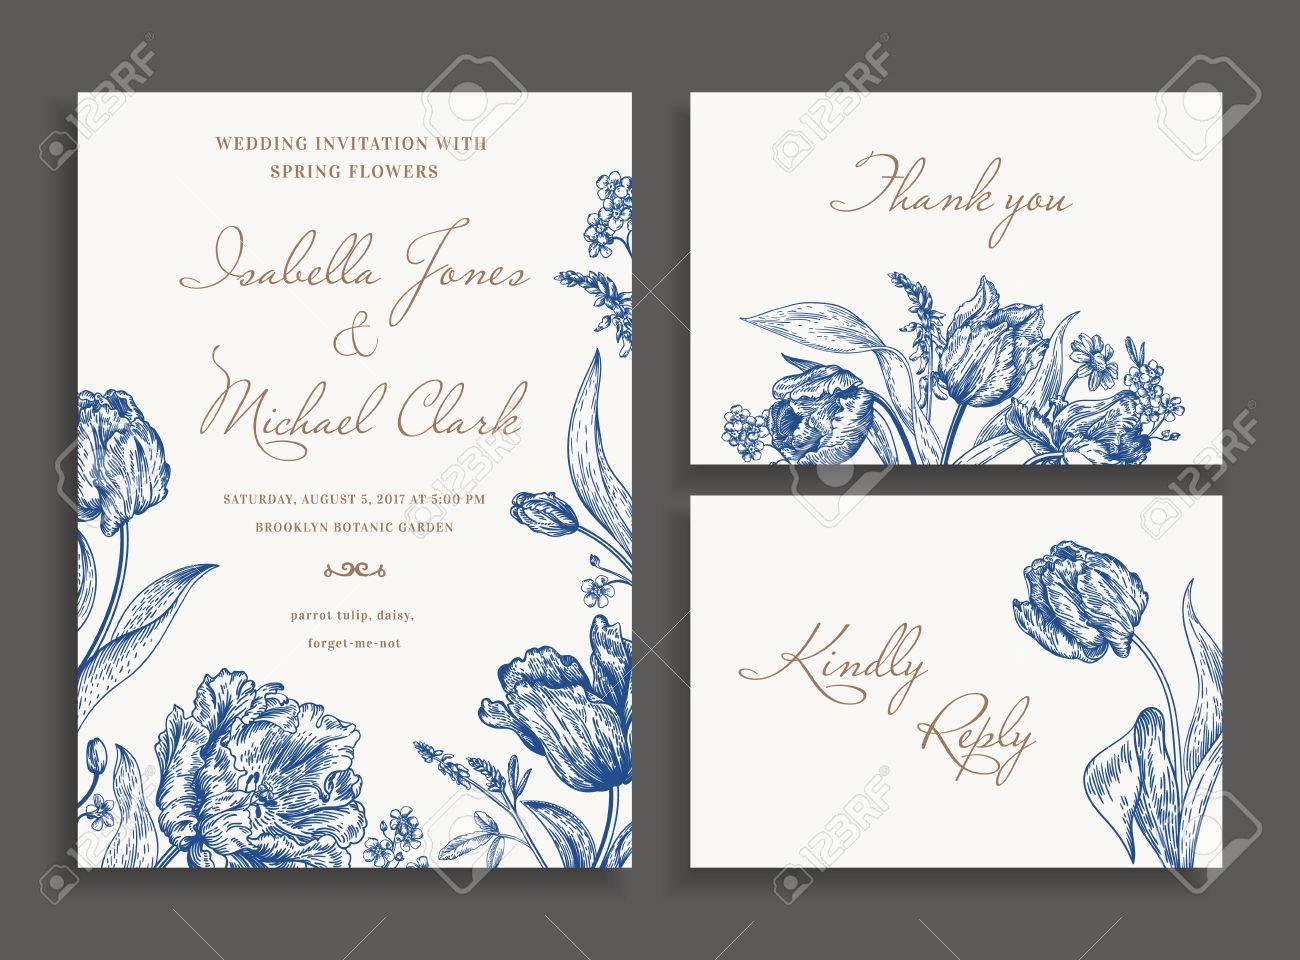 Vintage Hochzeit Set Mit Fruhlingsblumen In Blau Einladung Zur